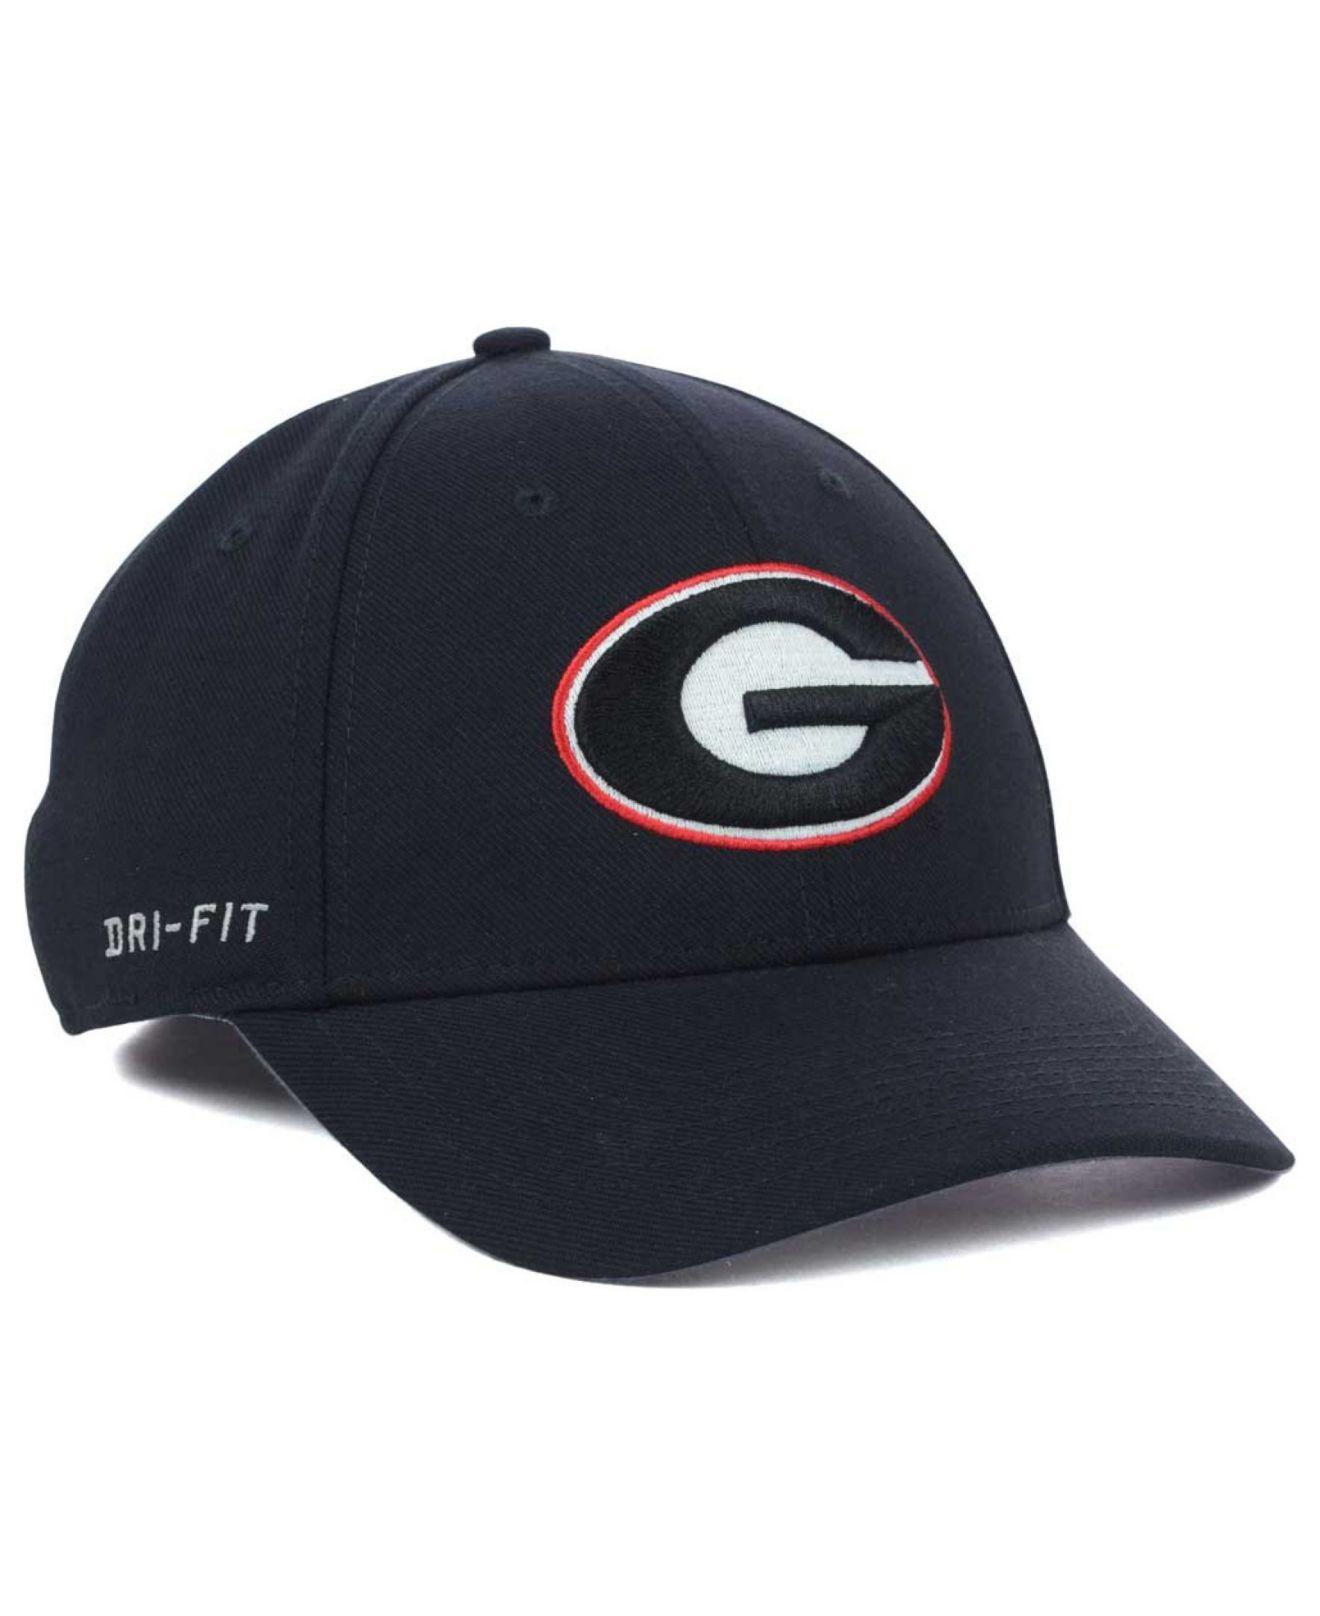 Lyst - Nike Georgia Bulldogs Dri-Fit Swoosh Flex Cap in Black for Men 3f790d81e8b